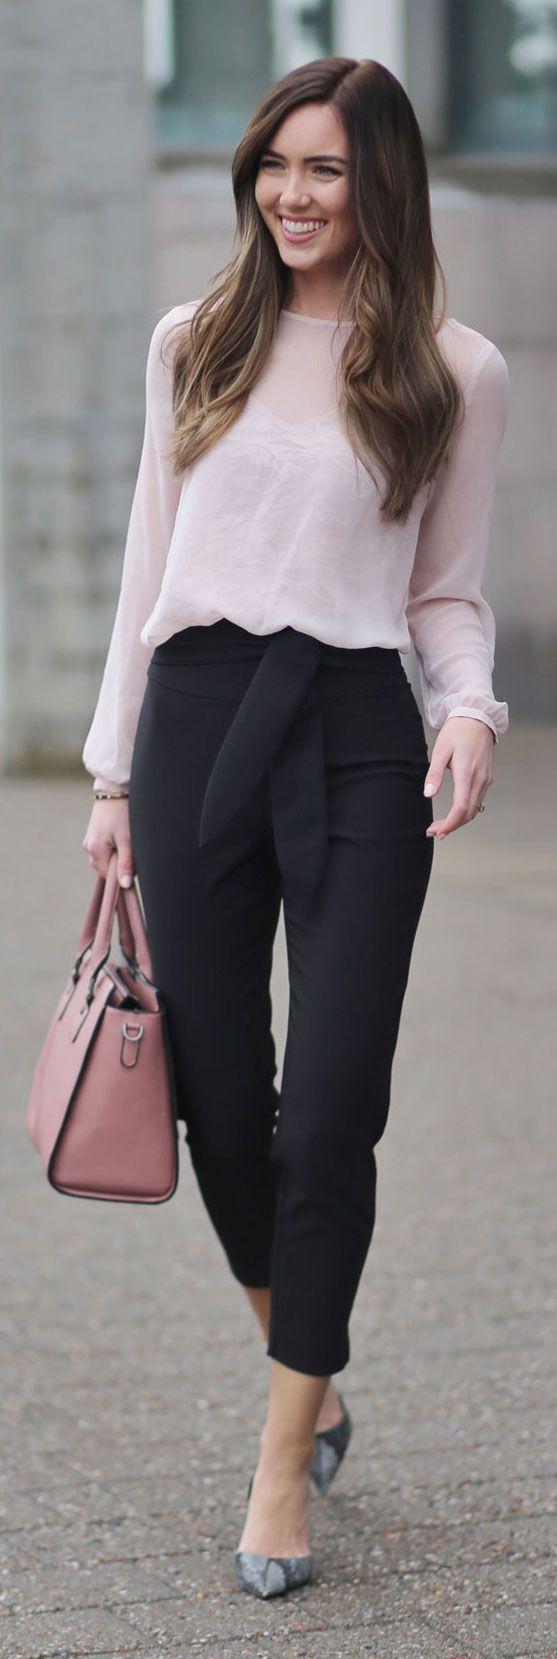 10 formas modernas de combinar tus prendas rosas - acornejoborja ana07rita